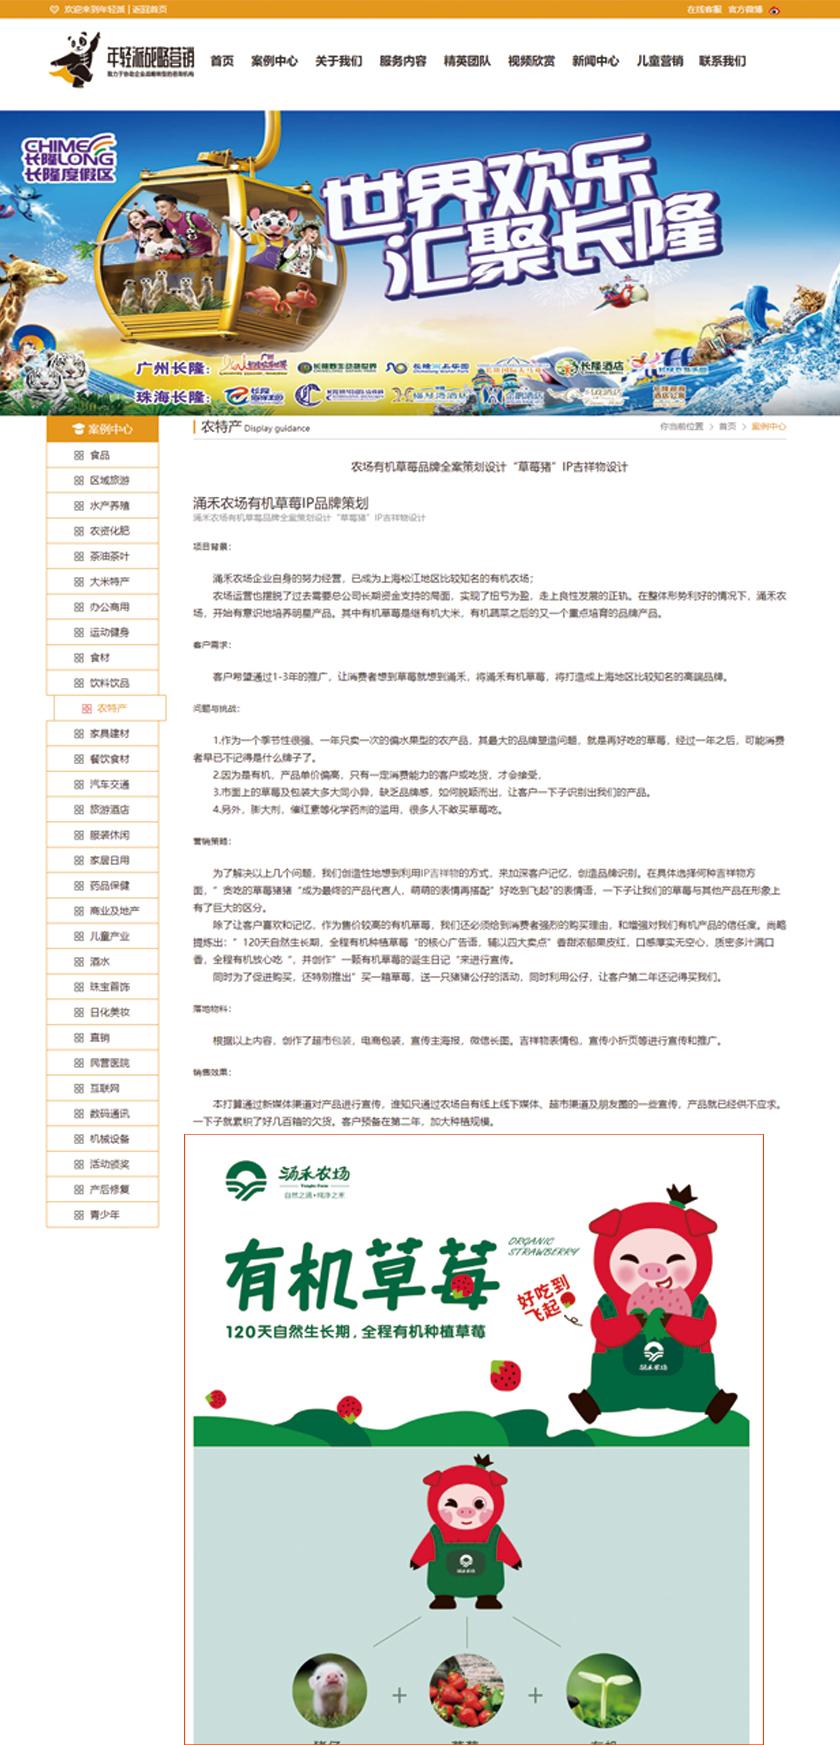 广州年轻派战略营销顾问盗用尚略涌禾农场有机草莓fun88体育备用全案fun88体育手机fun88乐天使备用案例